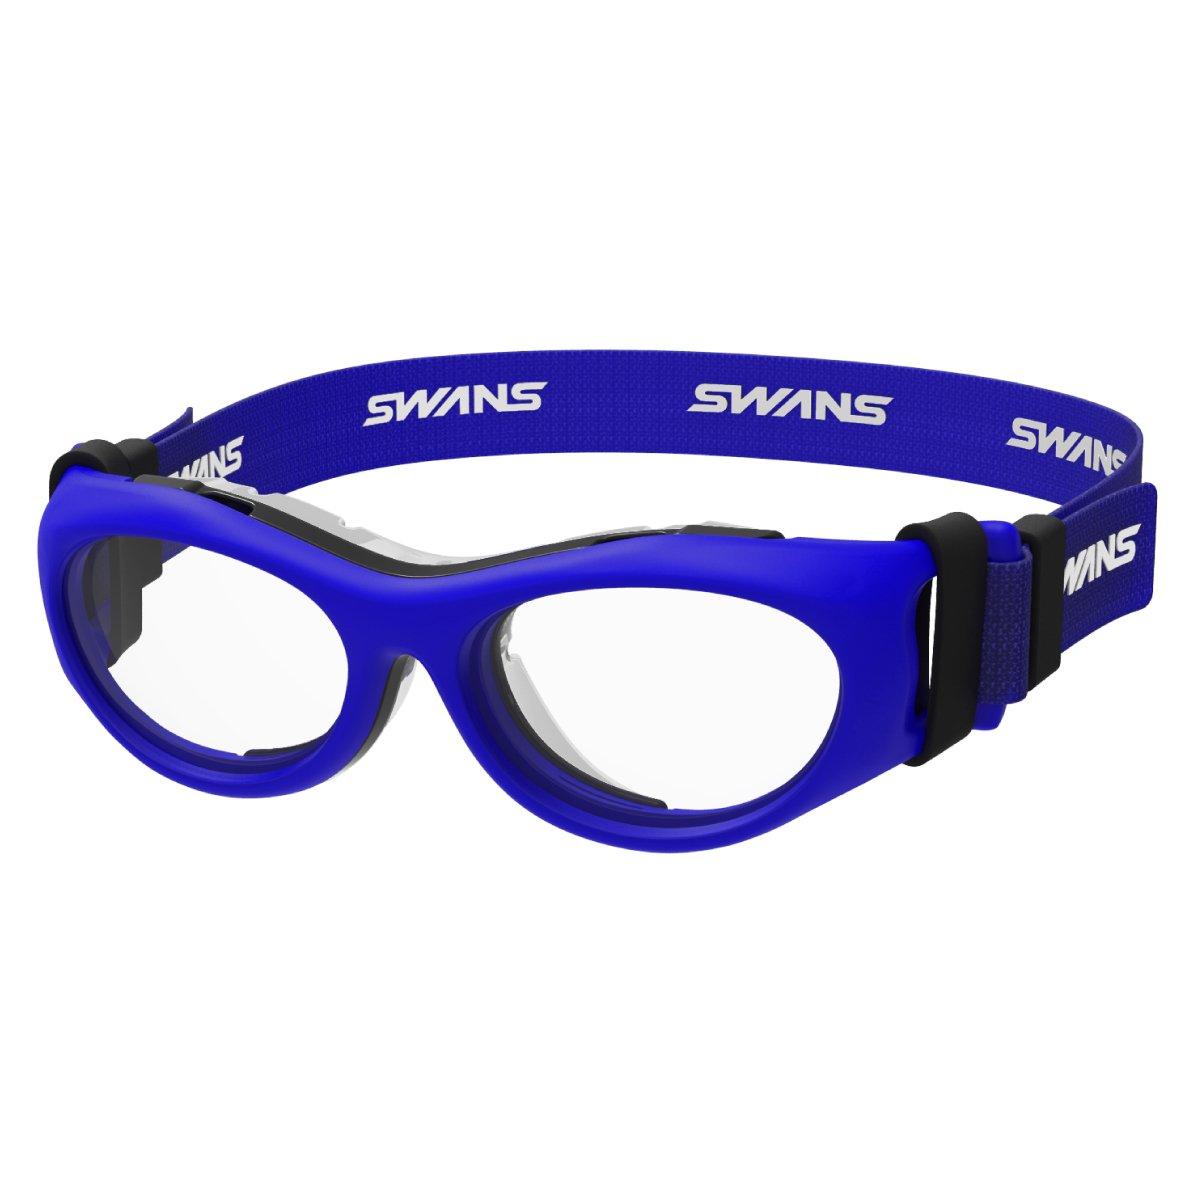 新品本物 SWANS(スワンズ) アイガード SVS-600N 10 歳~14歳まで アイガード ネイビー×クリア SVS-600N スポーツ用メガネフレーム 歳~14歳まで B0787PGGV1, ガーデン太郎:6b055e4e --- ballyshannonshow.com